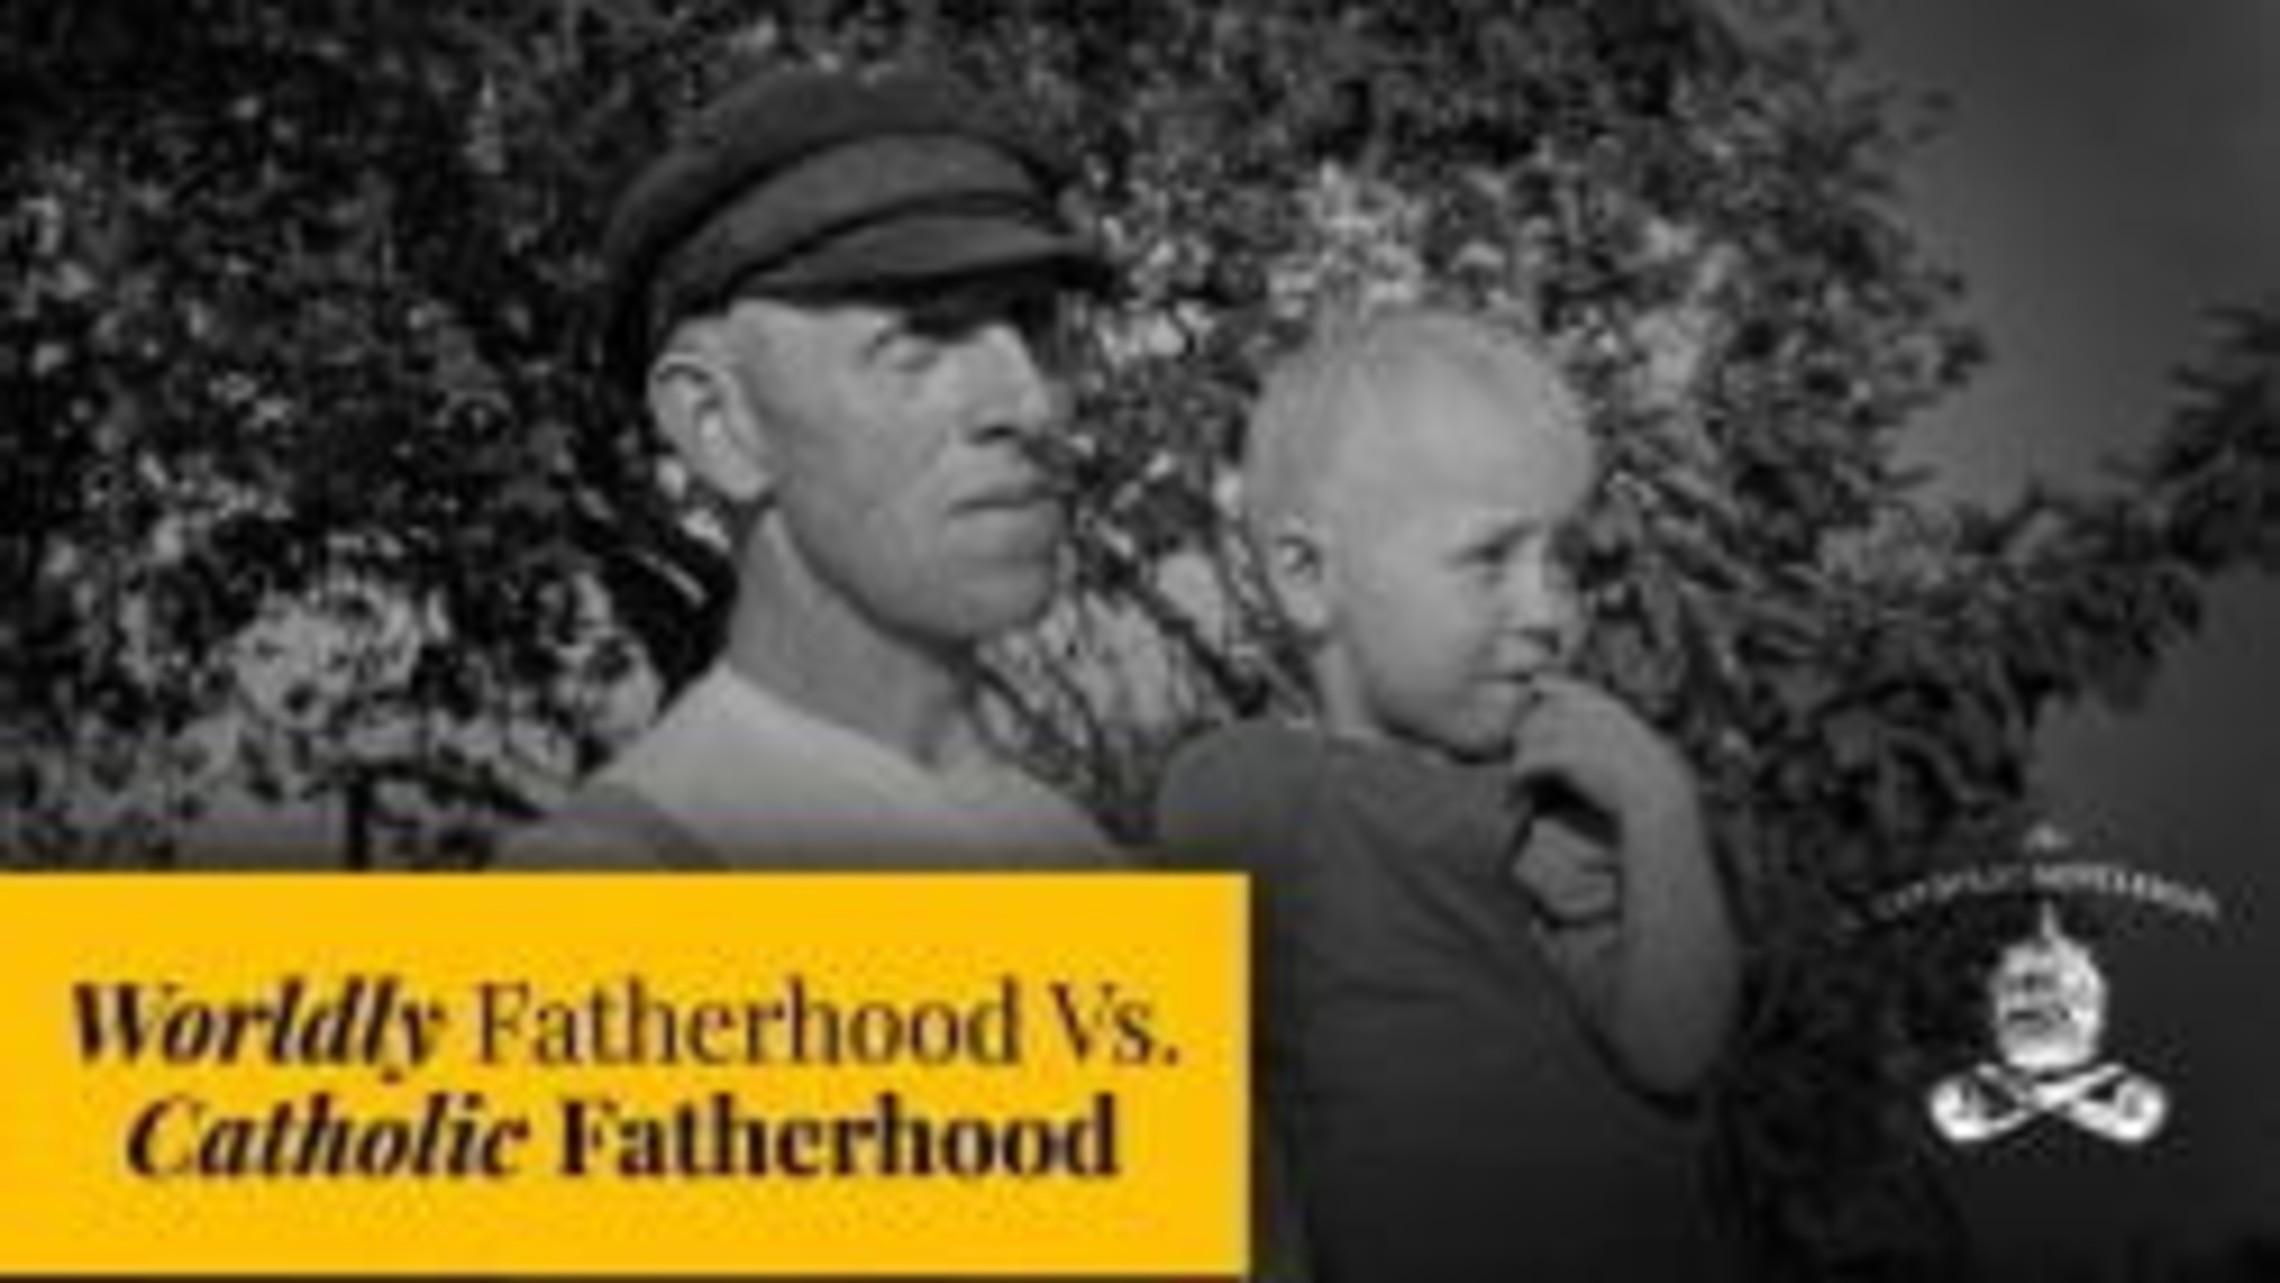 Worldly Fatherhood Vs. Catholic Fatherhood